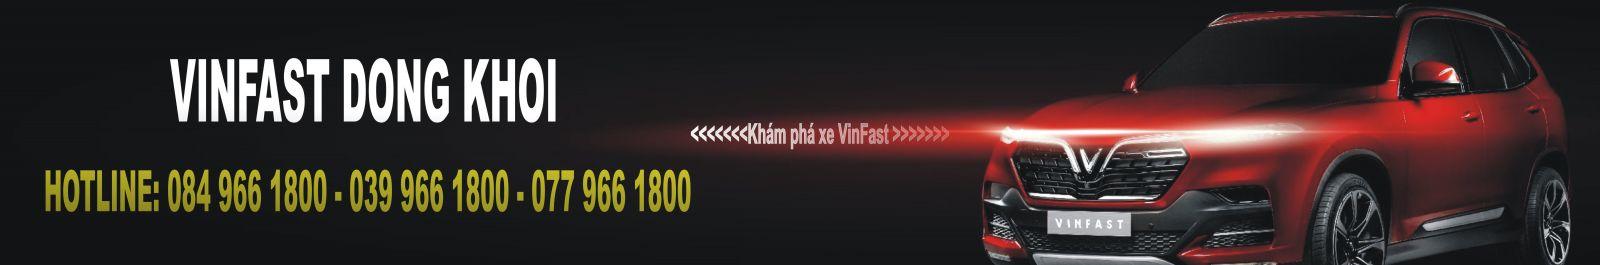 VINFAST DONG KHOI